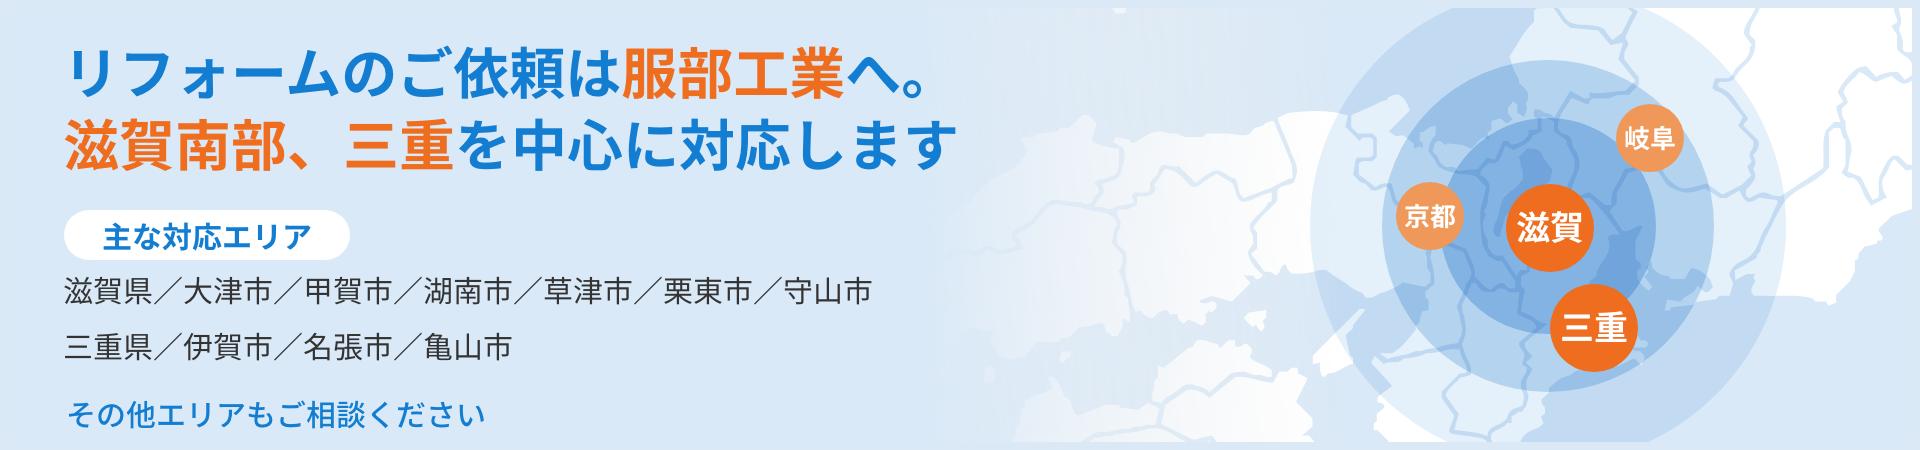 リフォームのご依頼は服部工業へ。滋賀南部、三重を中心に対応します